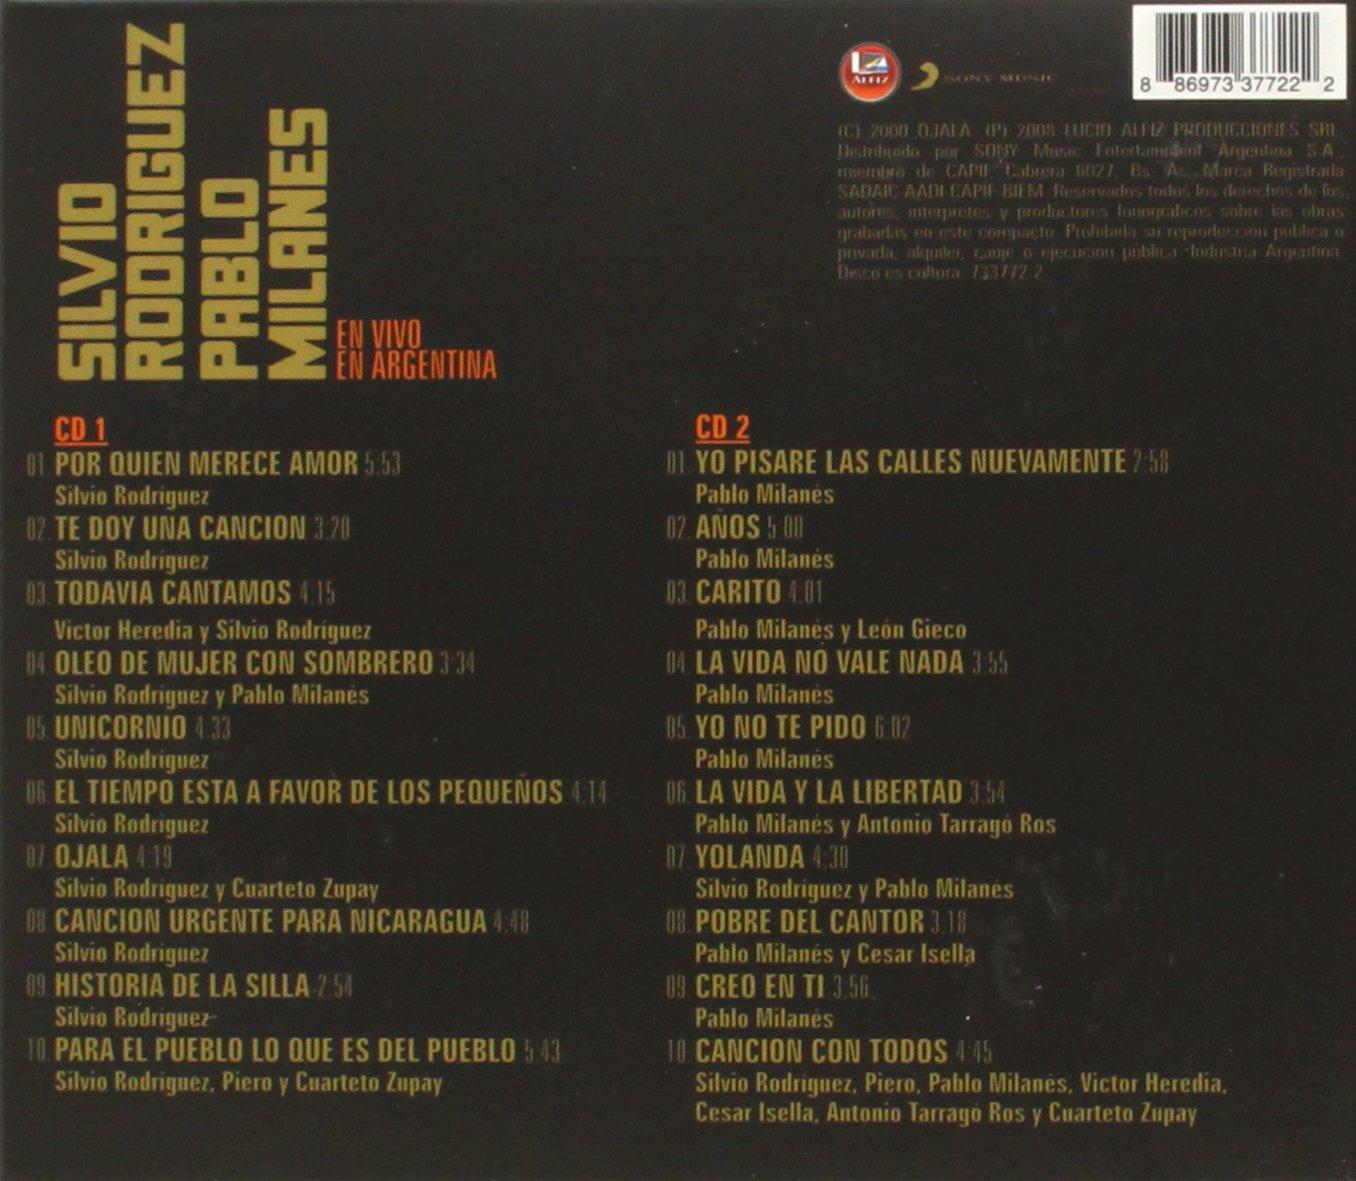 En Vivo En Argentina : Silvio Rodriguez, Pablo Milanes: Amazon.es: Música